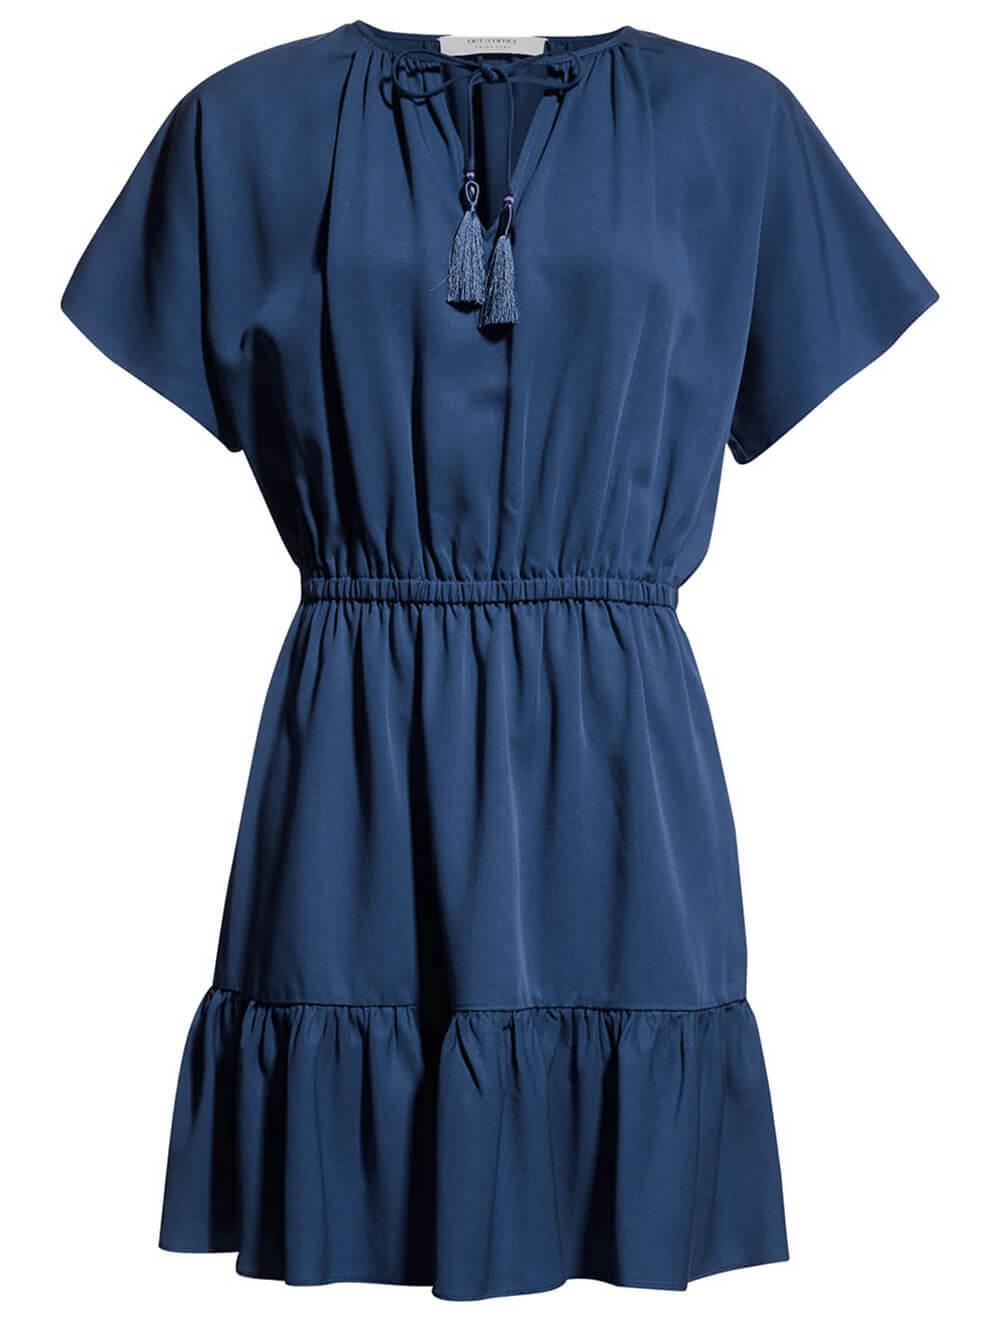 Mahalo Dress Item # 2107319TE1